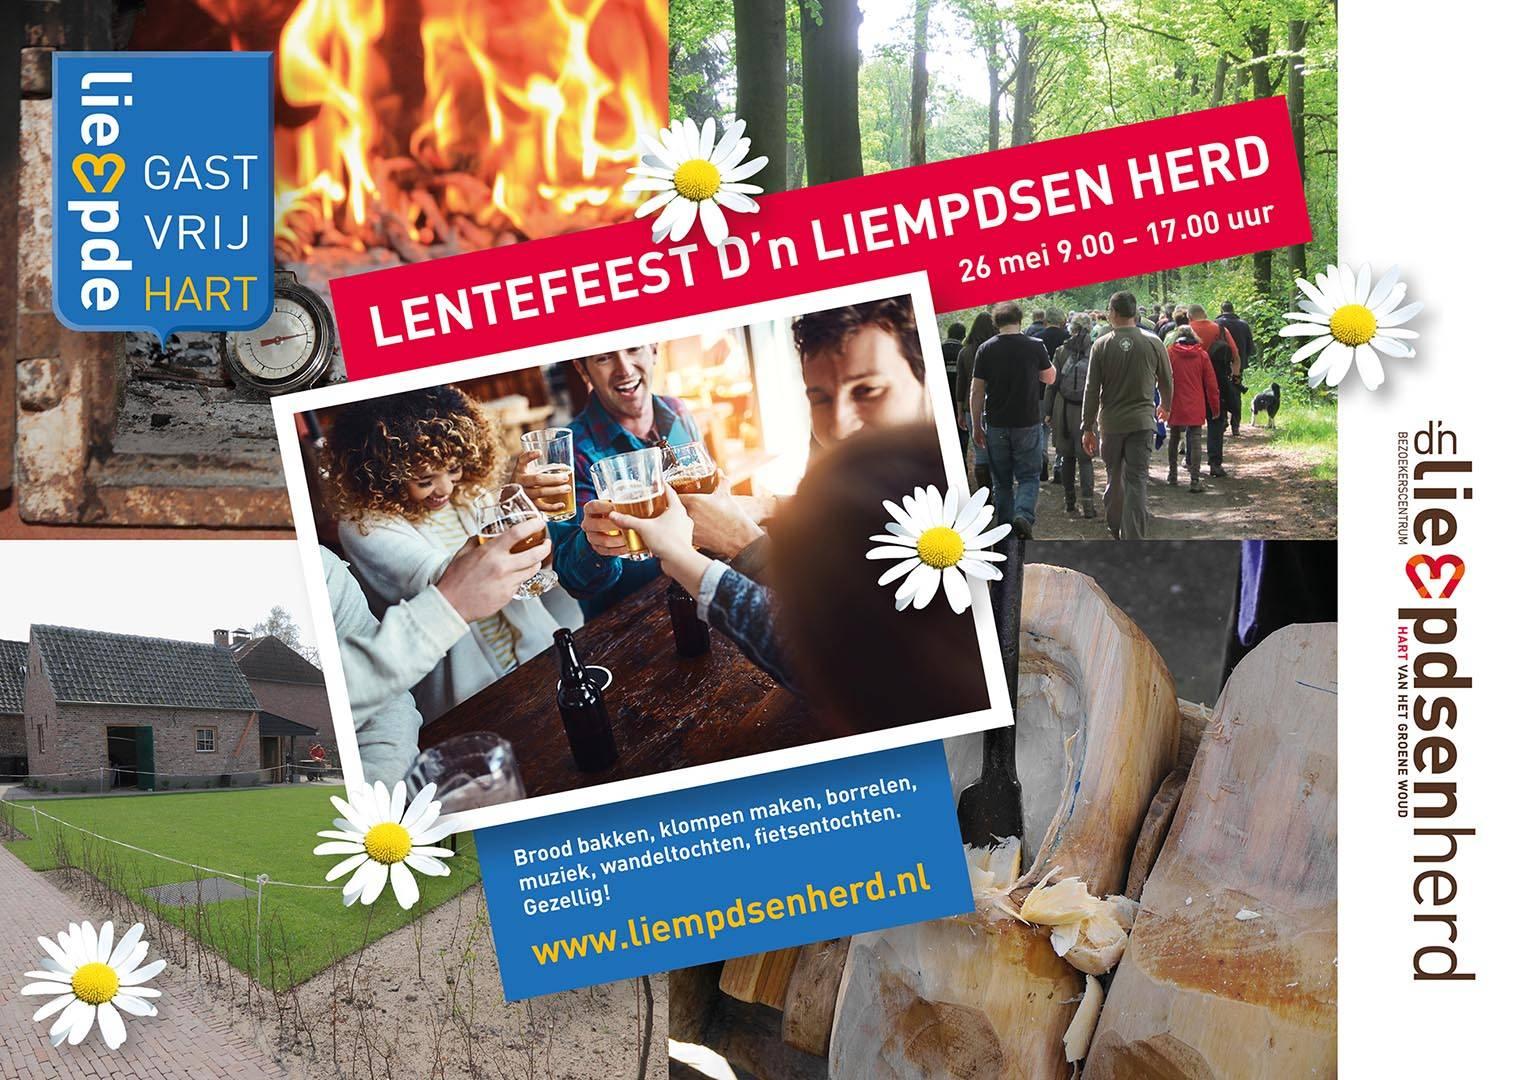 Lentefeest Liempdsen Herd